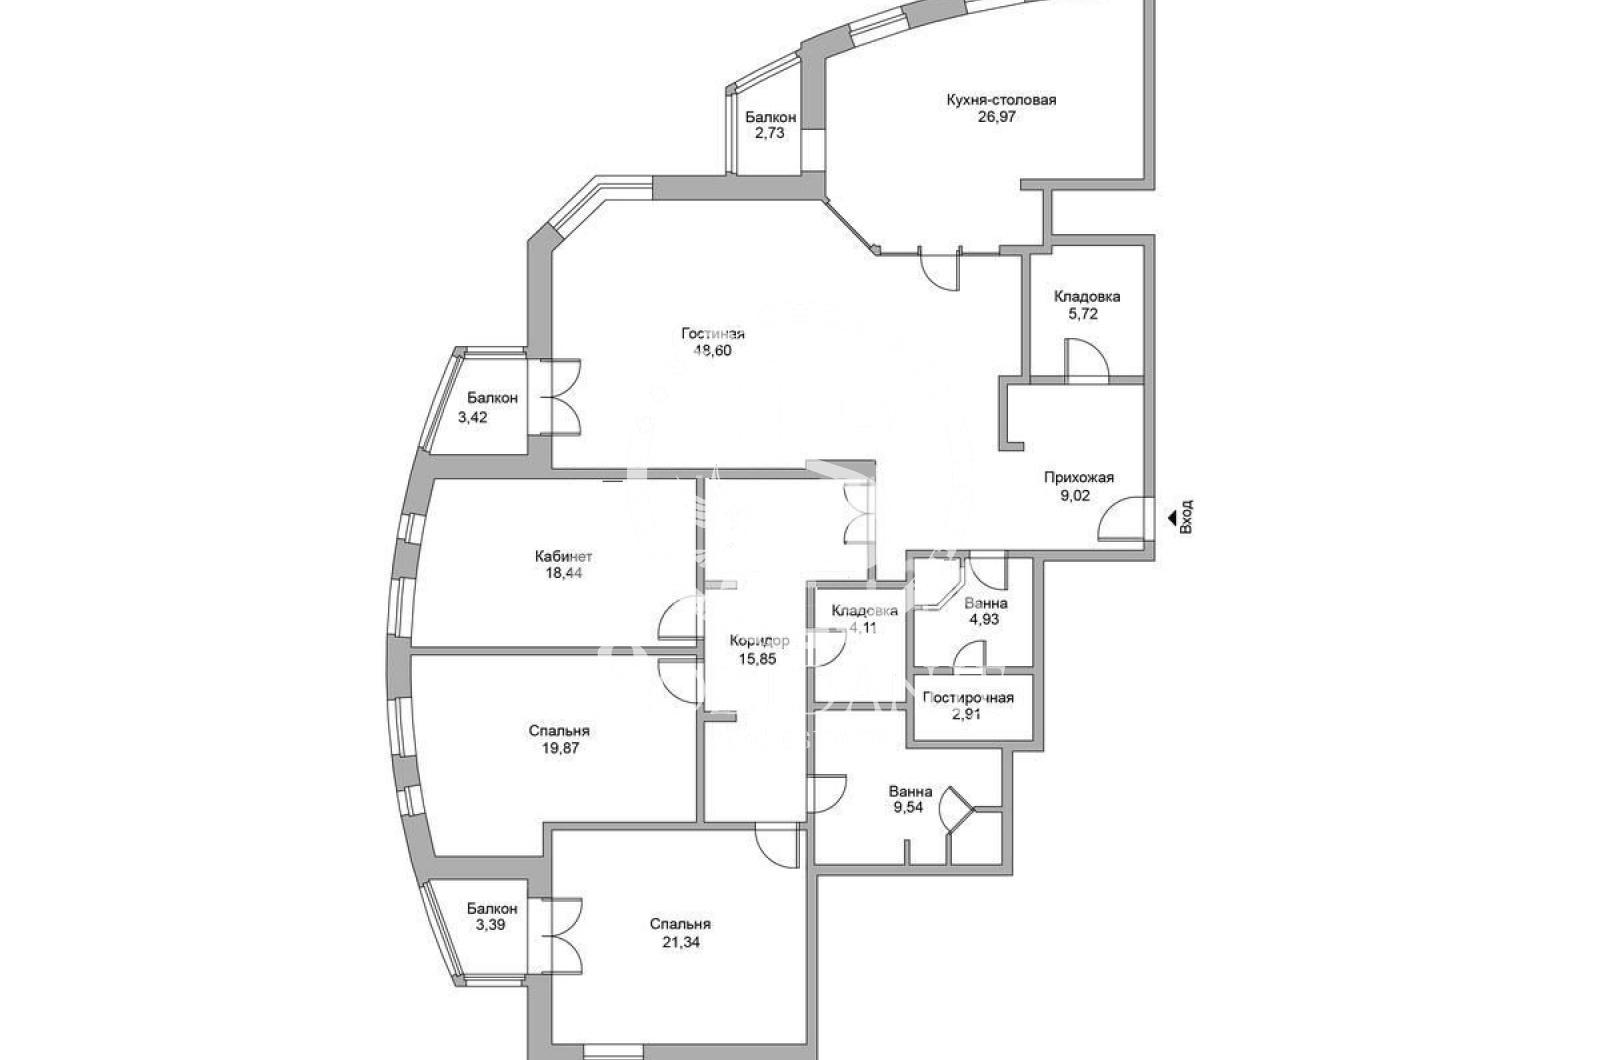 4 Комнаты, Городская, Продажа, Саввинская набережная, Listing ID 3488, Москва, Россия,